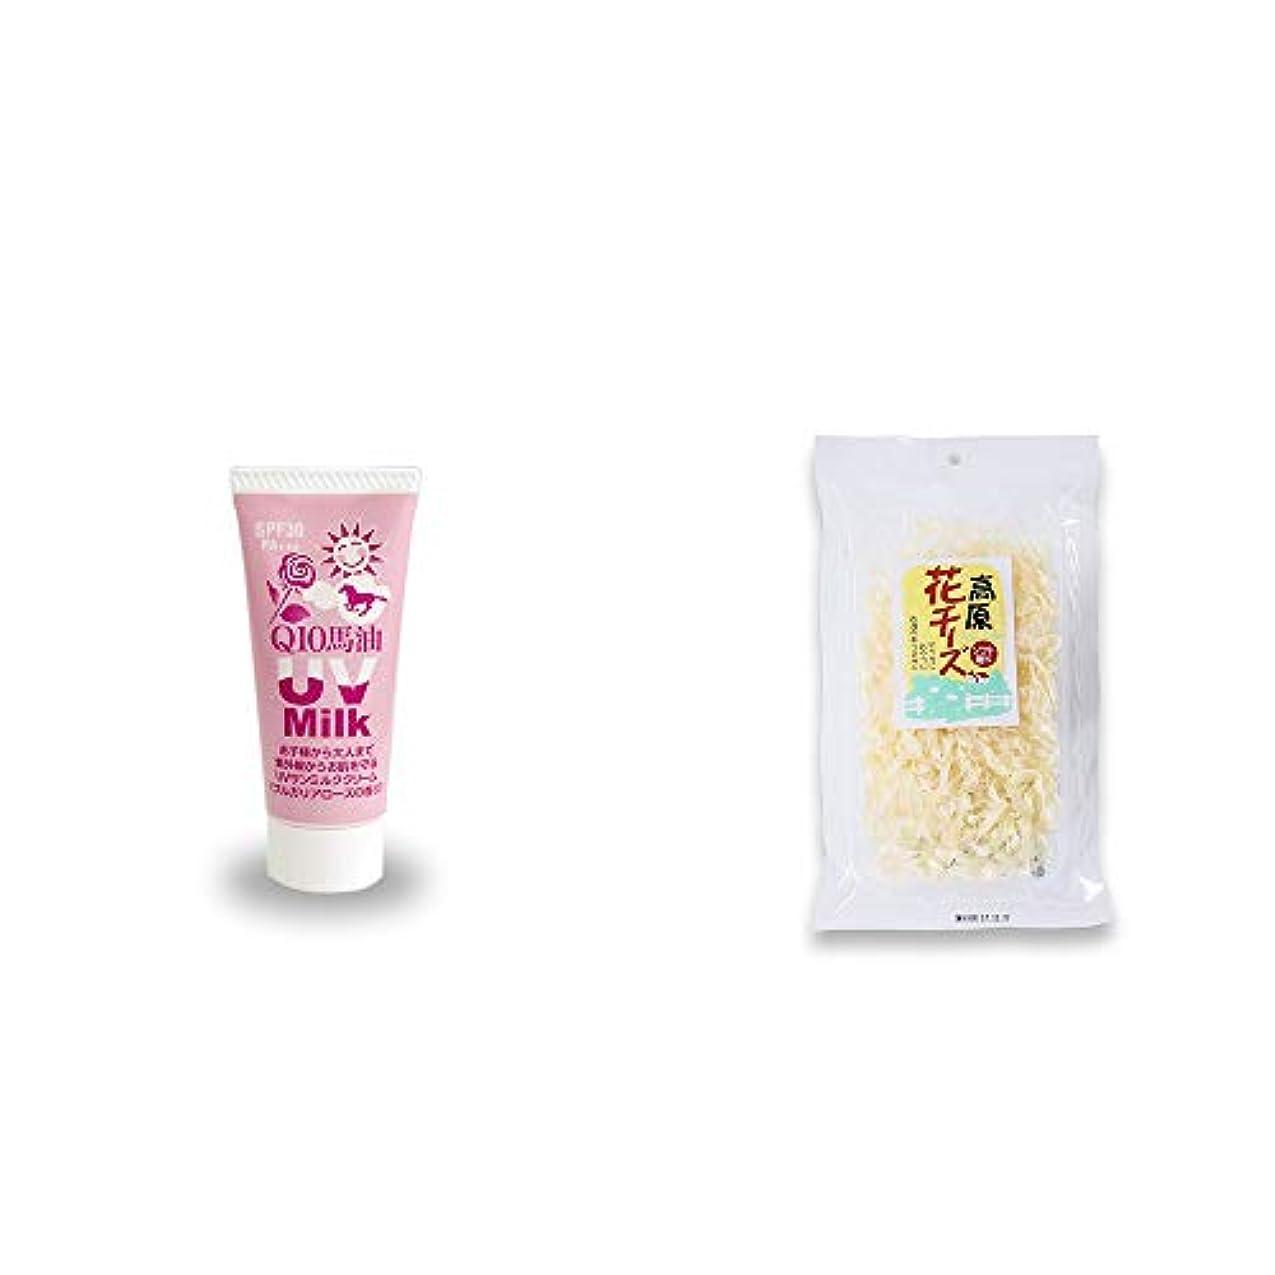 増幅器更新する裸[2点セット] 炭黒泉 Q10馬油 UVサンミルク[ブルガリアローズ](40g)?高原の花チーズ(56g)